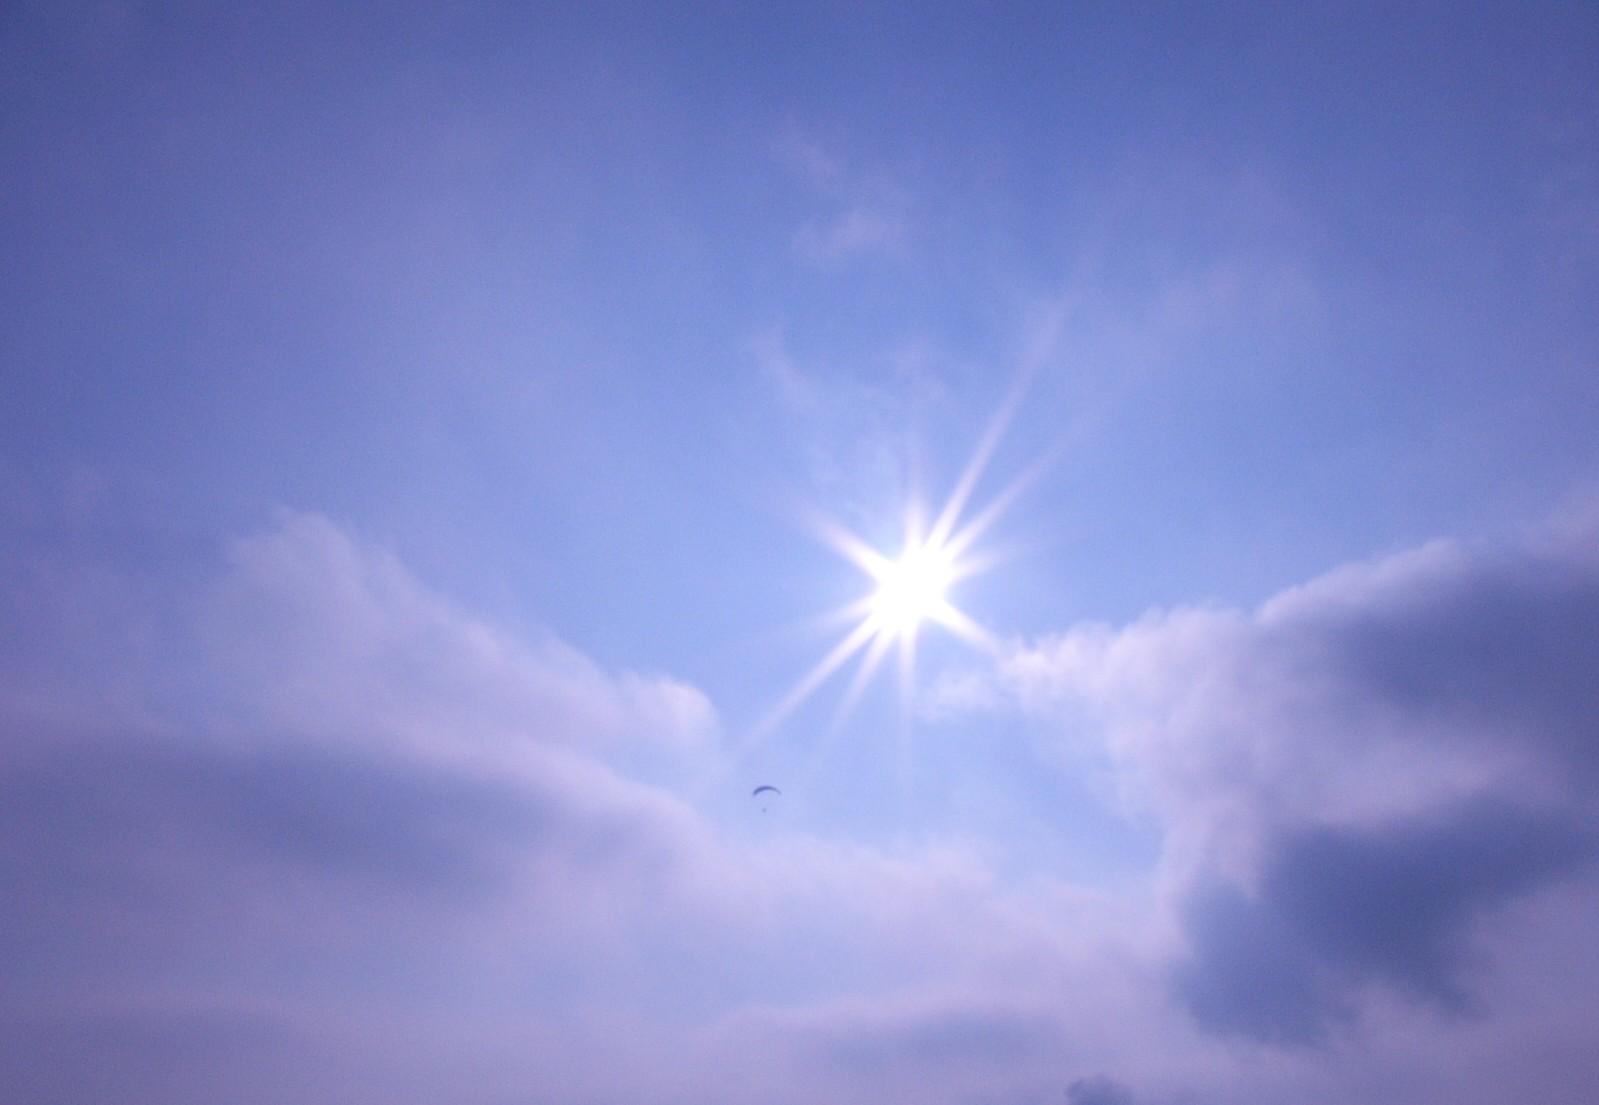 http://3.bp.blogspot.com/-Pv6yaoYDtkU/Tf8U0LUg0JI/AAAAAAAAABA/2XOKPv7EVMk/s1600/sunshine_3.jpg